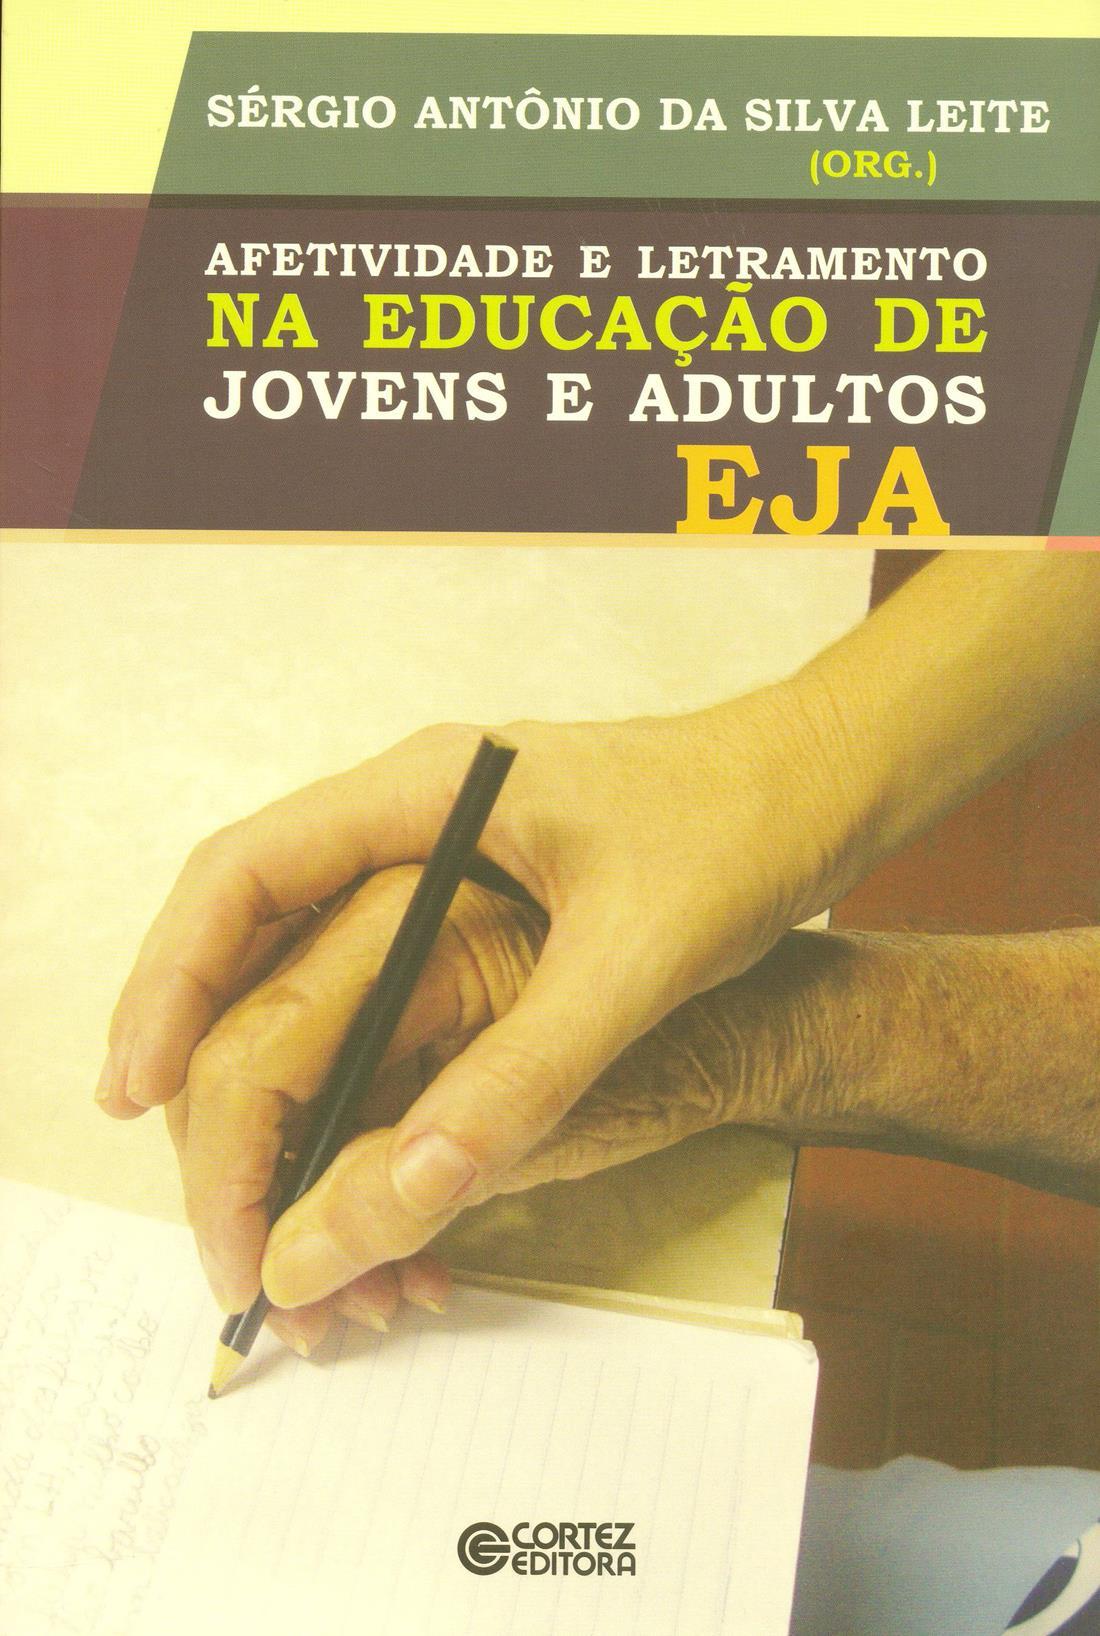 Afetividade e Letramento na Educação de Jovens e Adultos – EJA